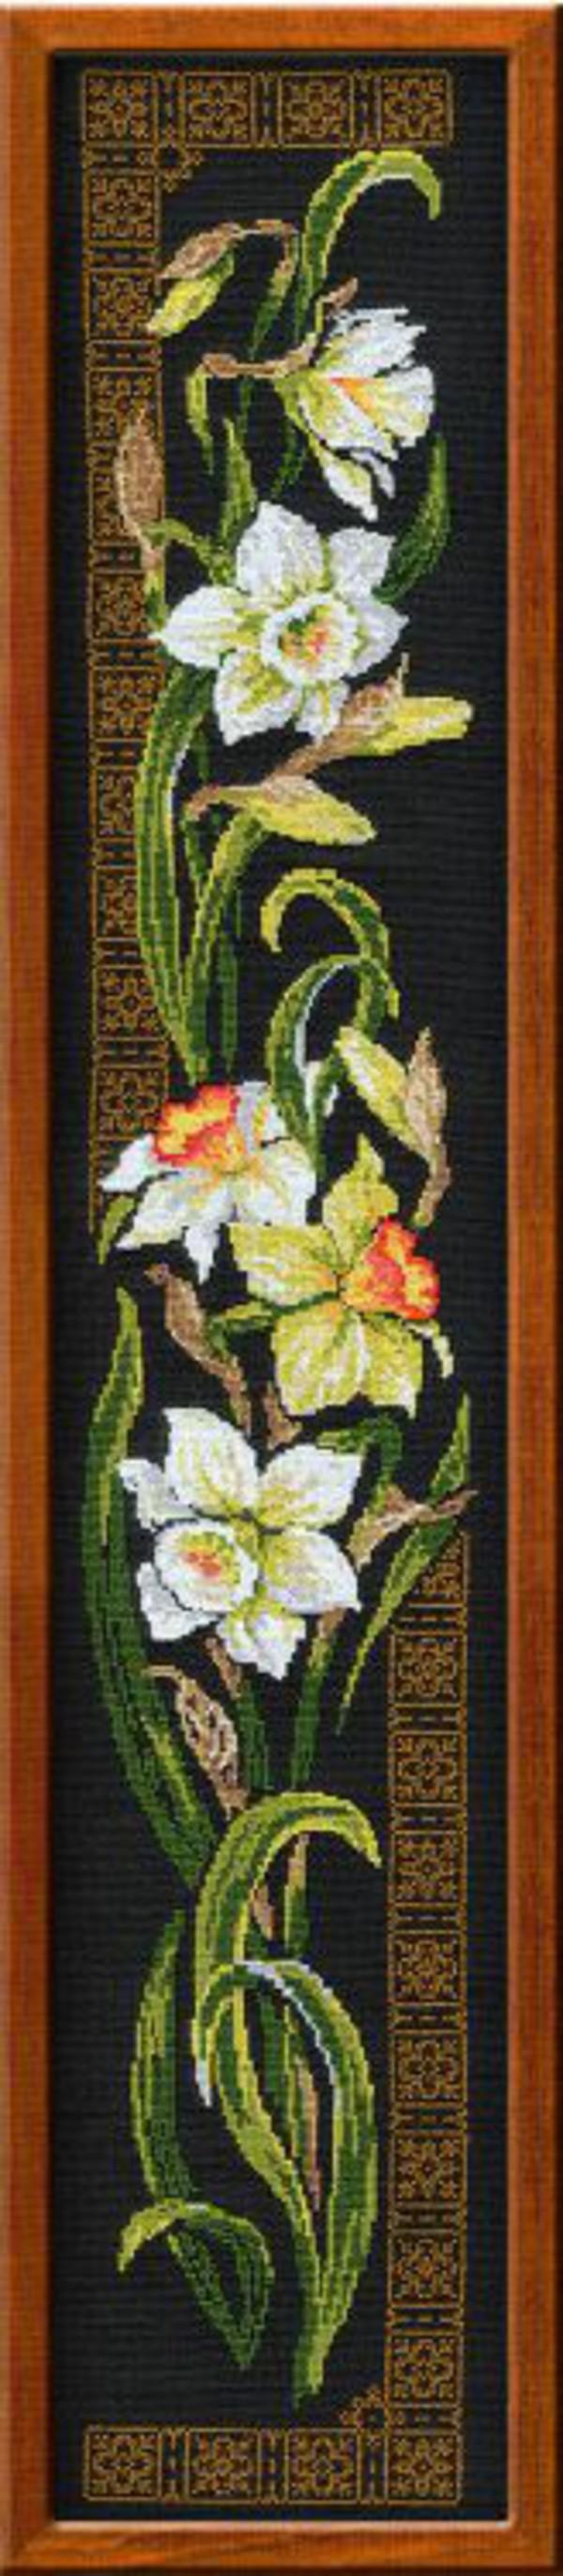 Billede Påskeliljer